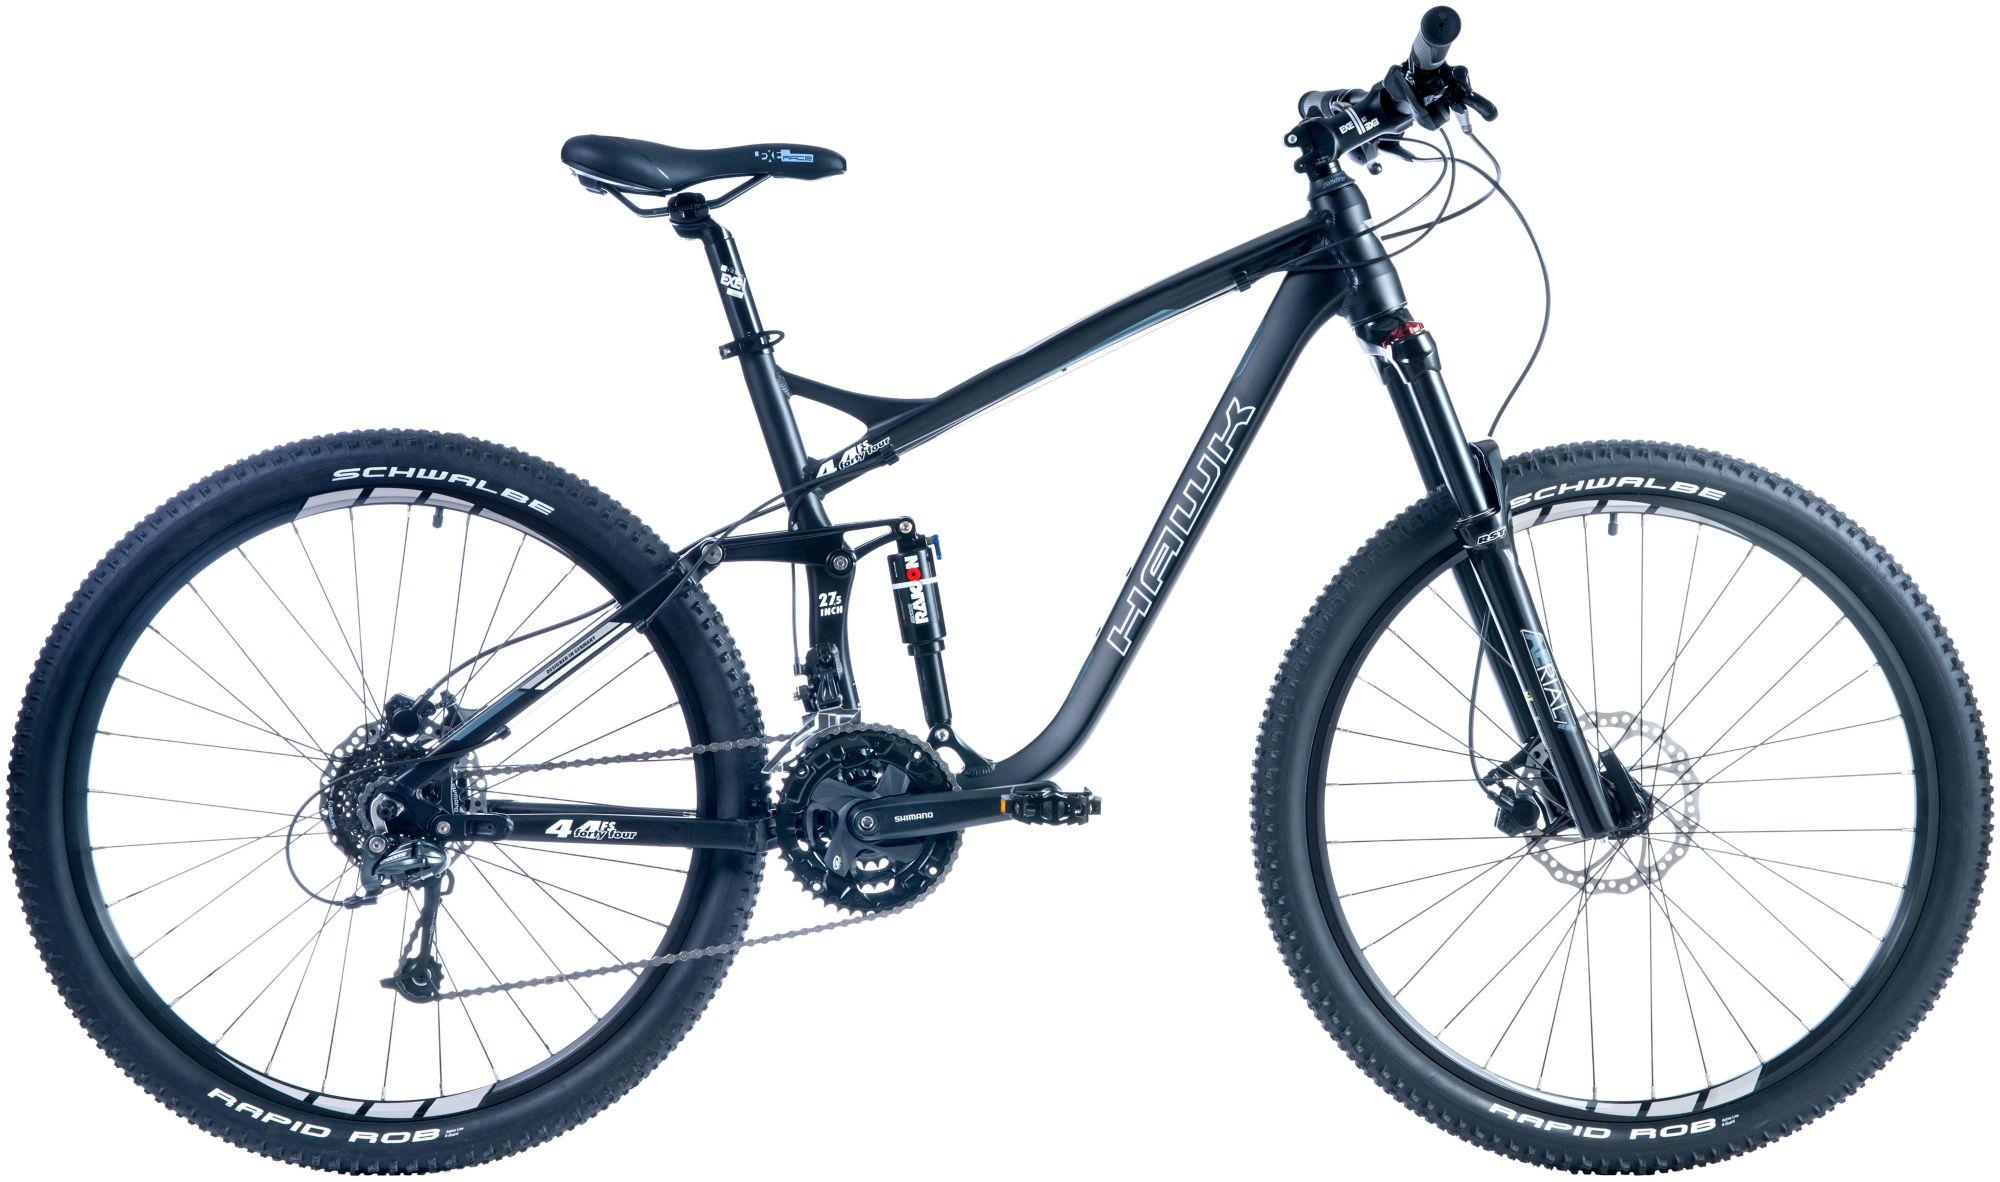 HAWK Hawk Mountainbike »Fourtyfour FS«, RH40, 27,5 Zoll, 27 Gang, Hydraulische Scheibenbremsen